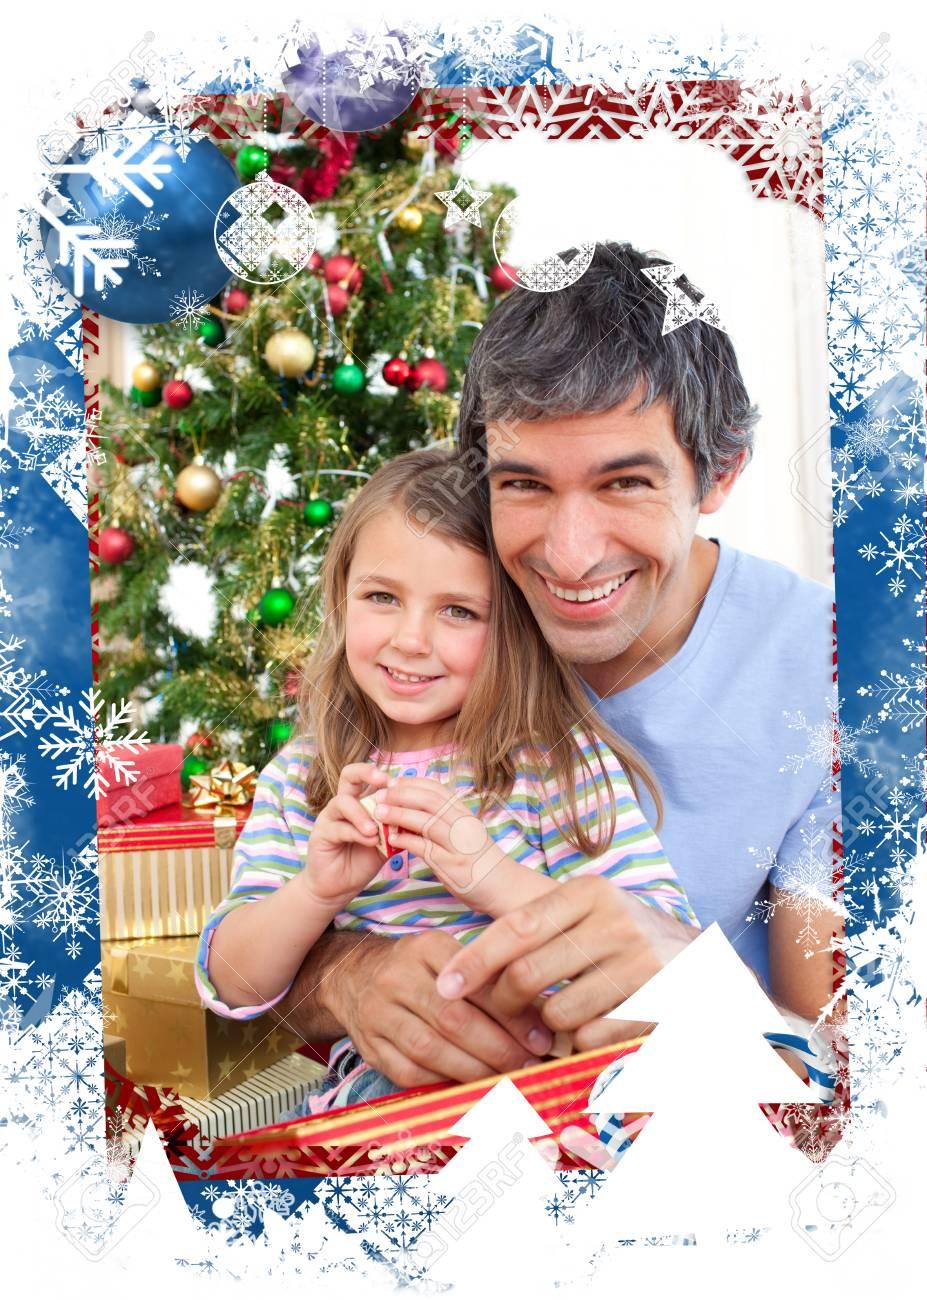 Dad Und Kleine Mädchen Spielen Mit Weihnachtsgeschenken Vor ...